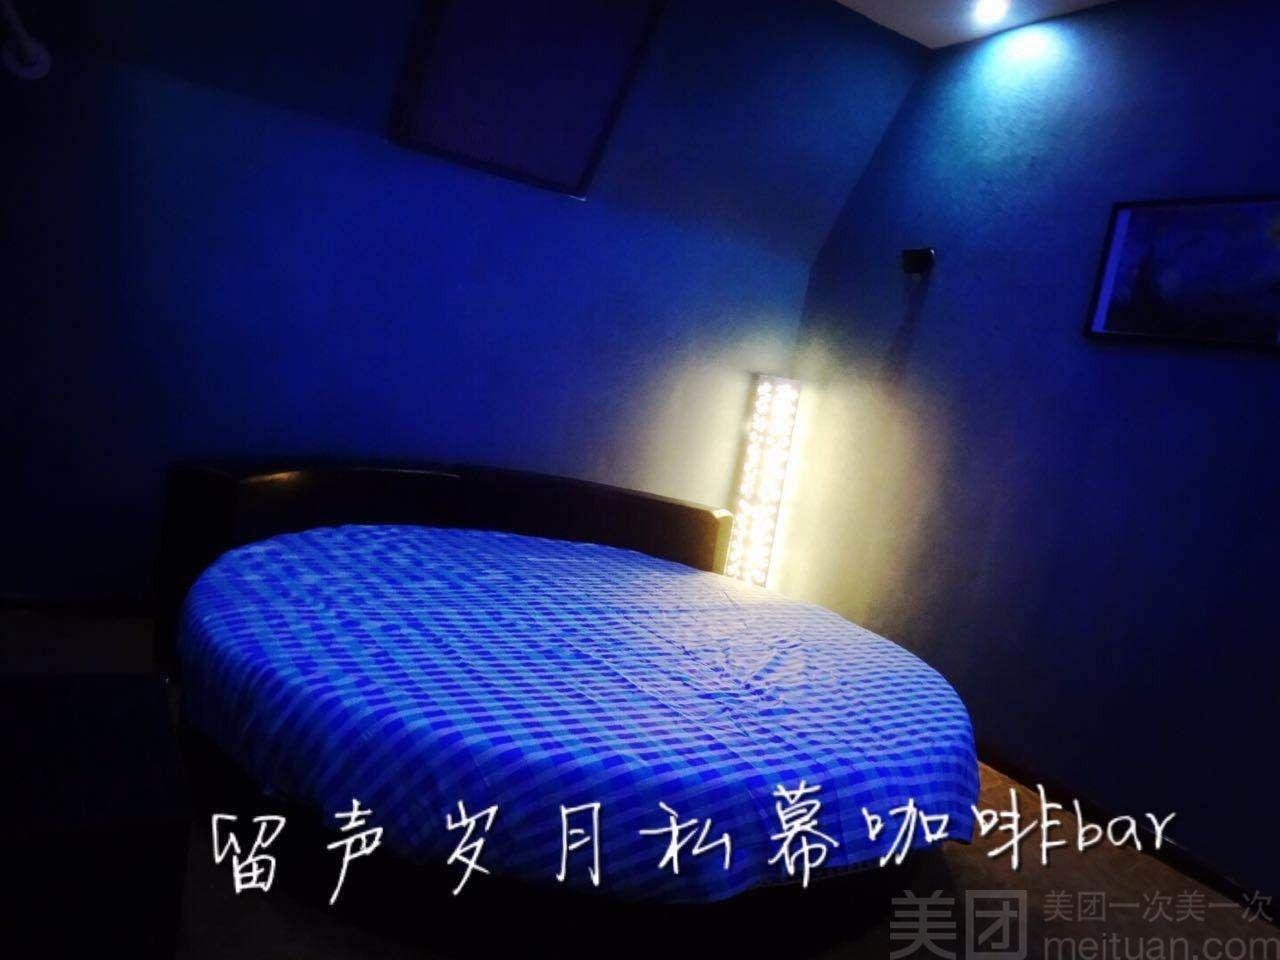 美团网:长沙今日电影团购:【留声岁月私幕影院】留声岁月星空房电影一场